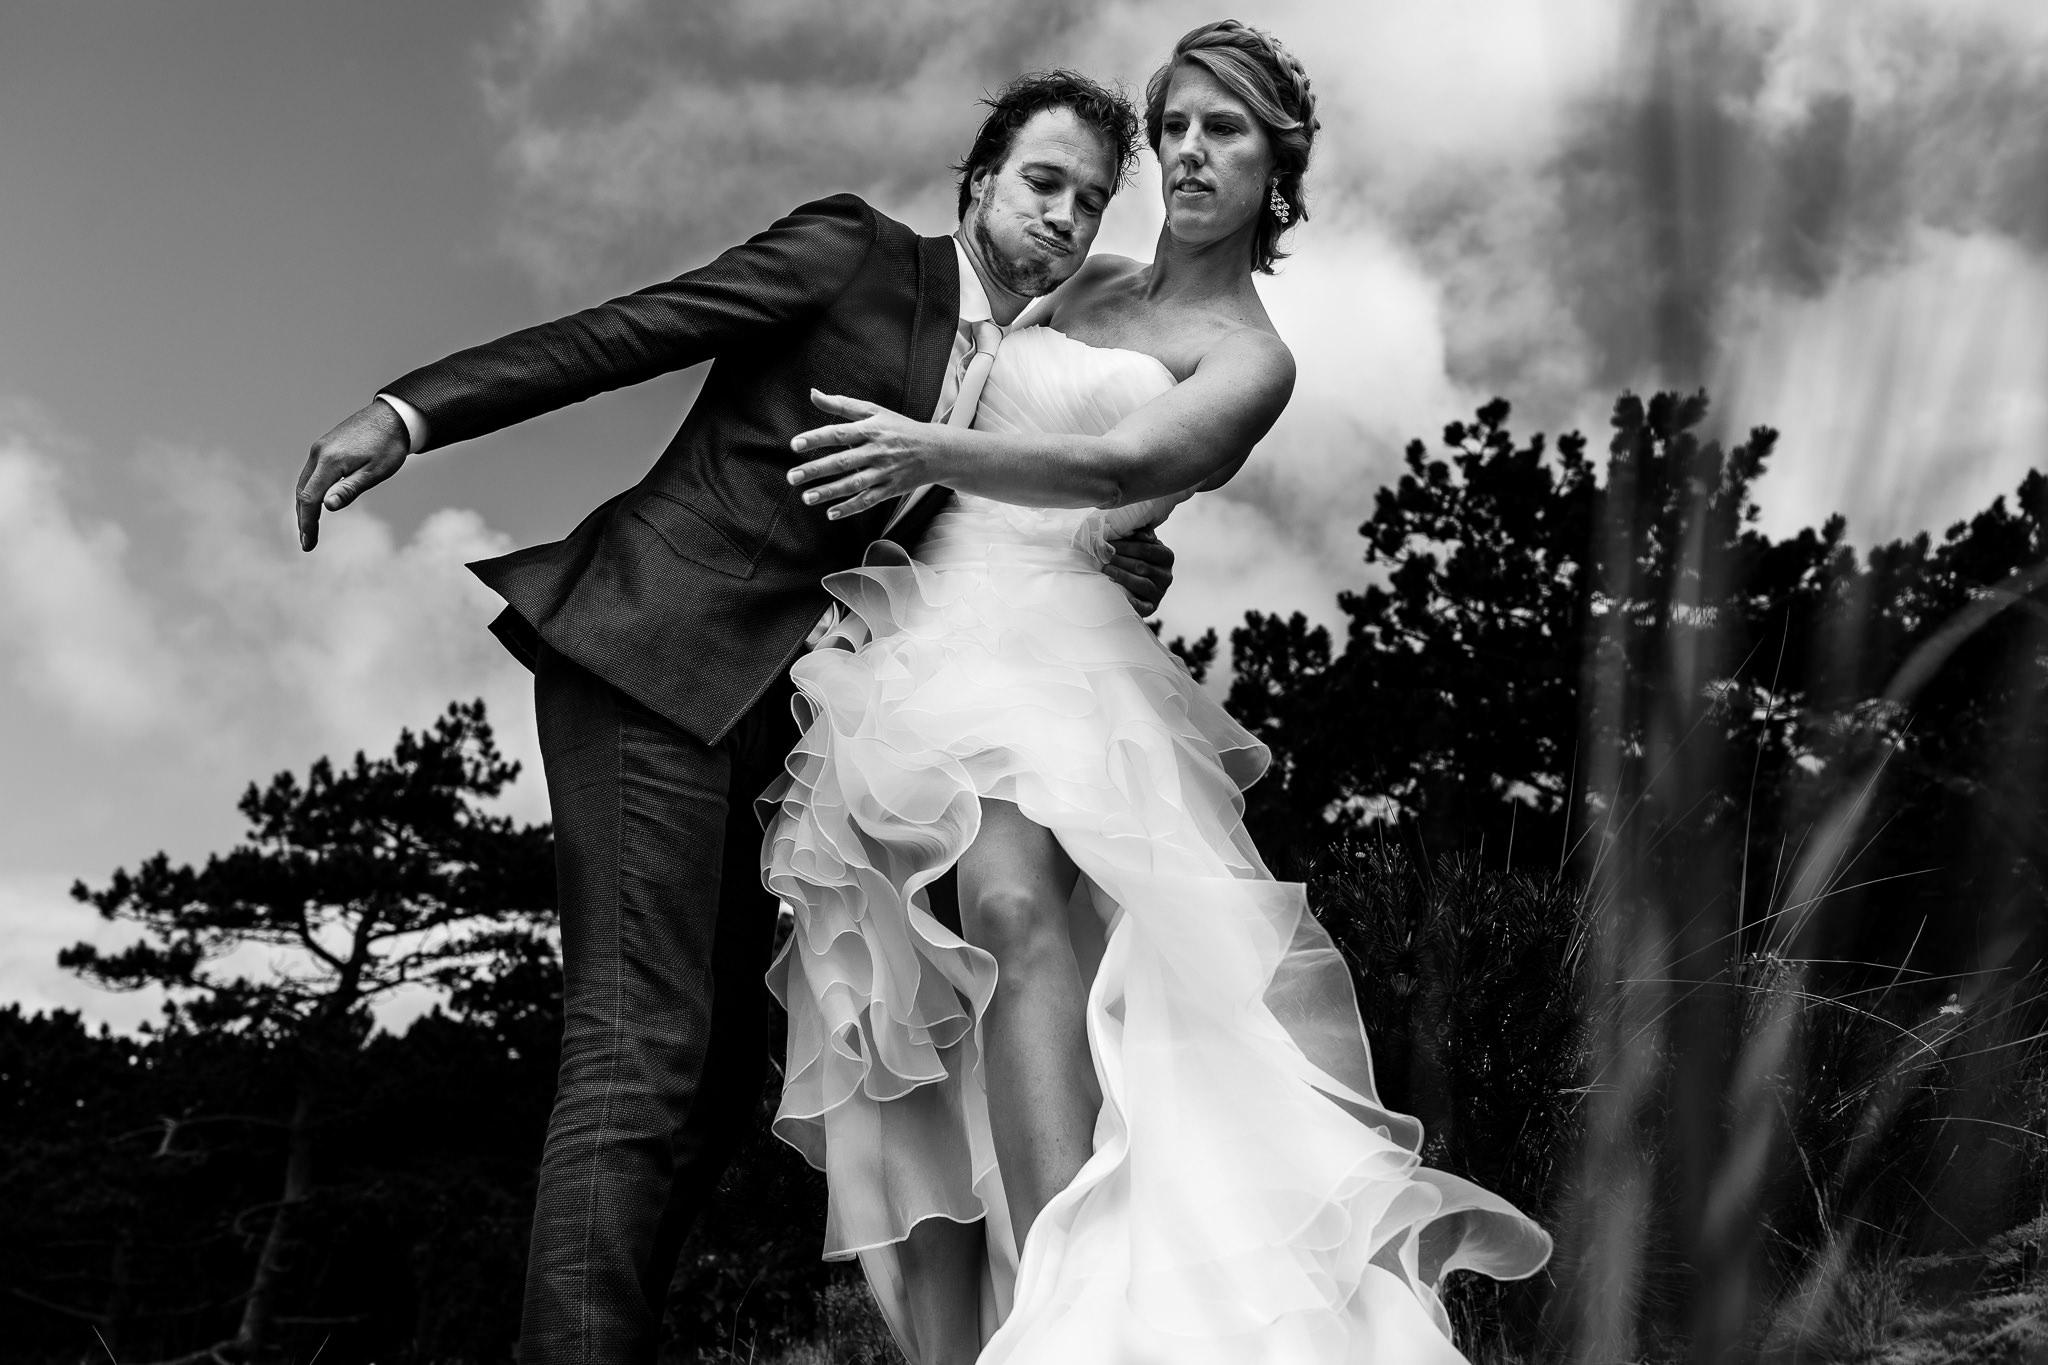 Bruidspaar valt om tijdens de fotoshoot